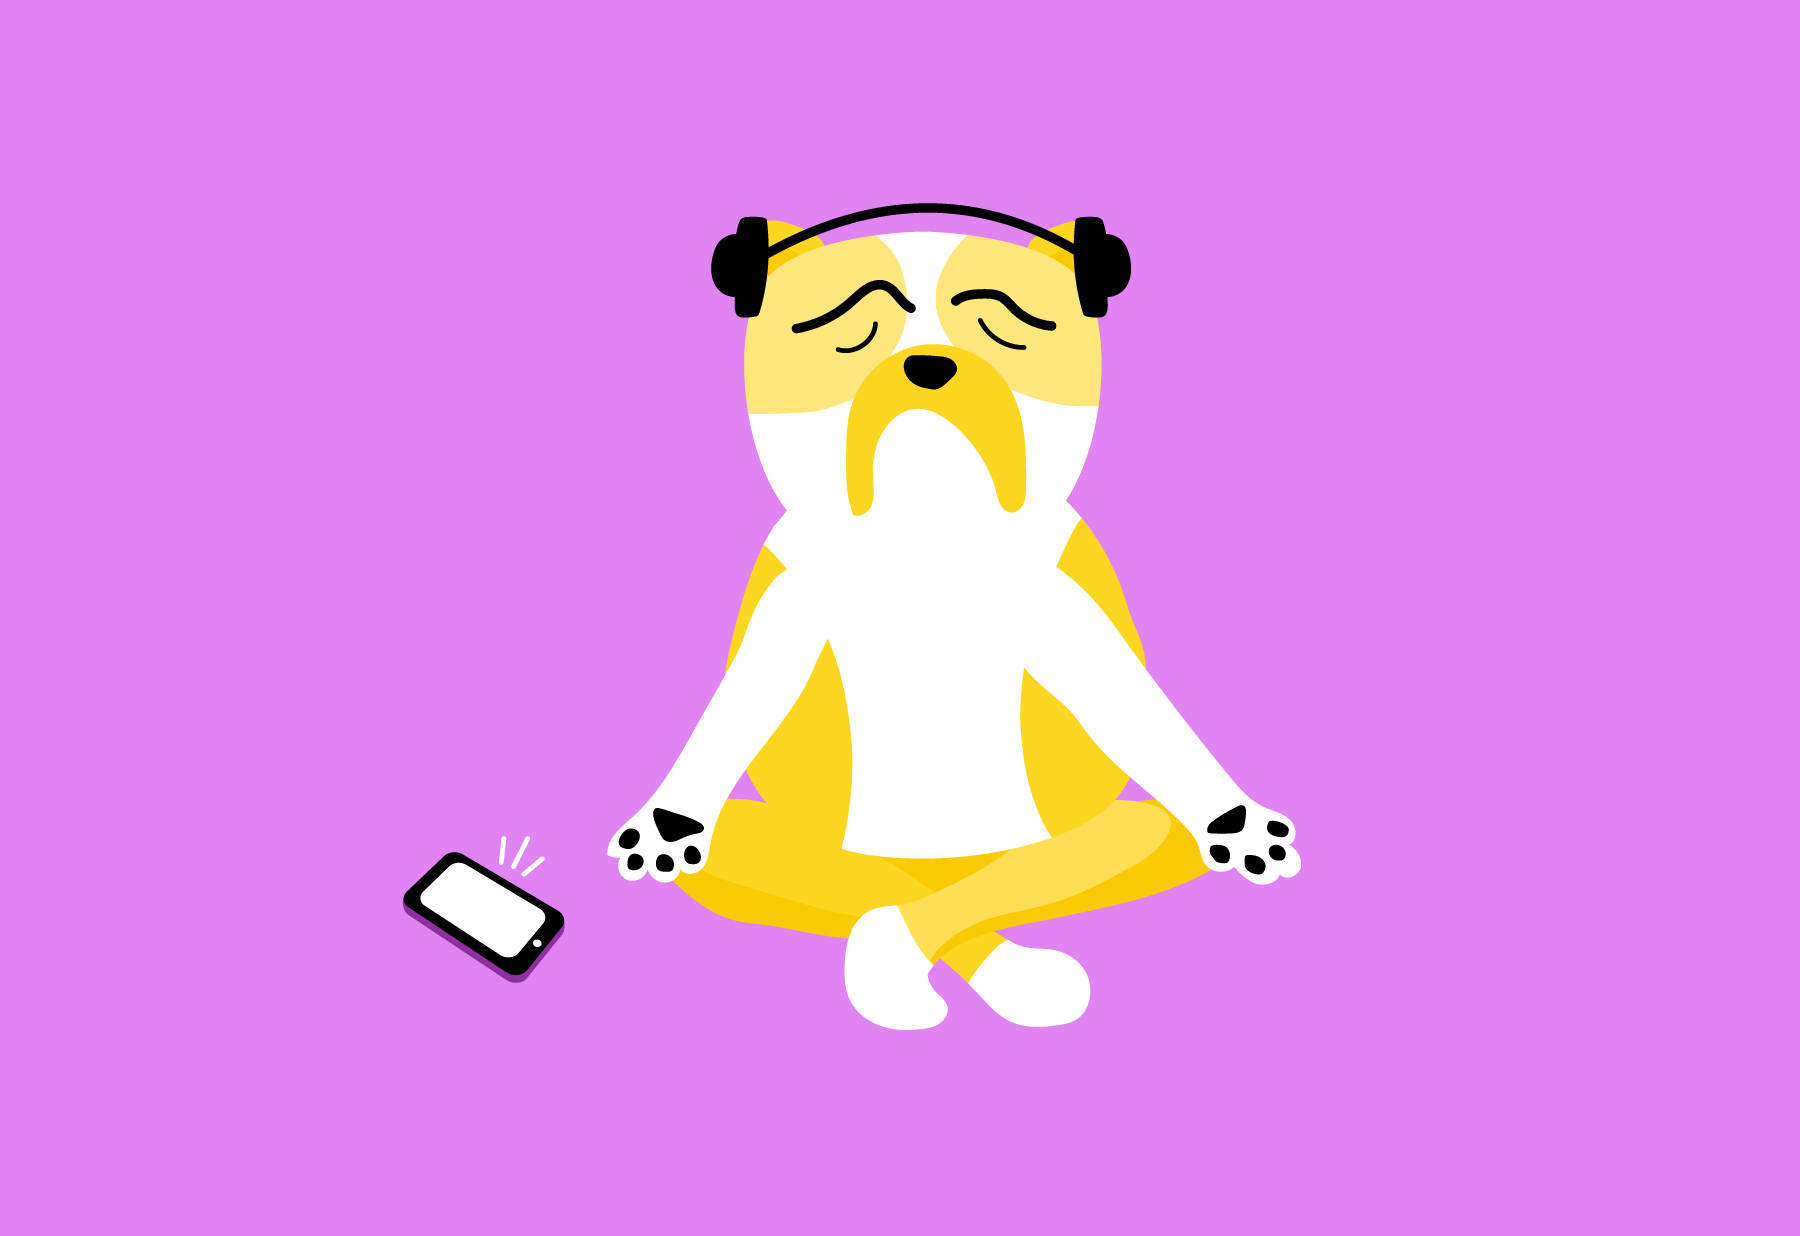 Tentpoles_Best_Meditation_Apps_Illustration_v3.jpg